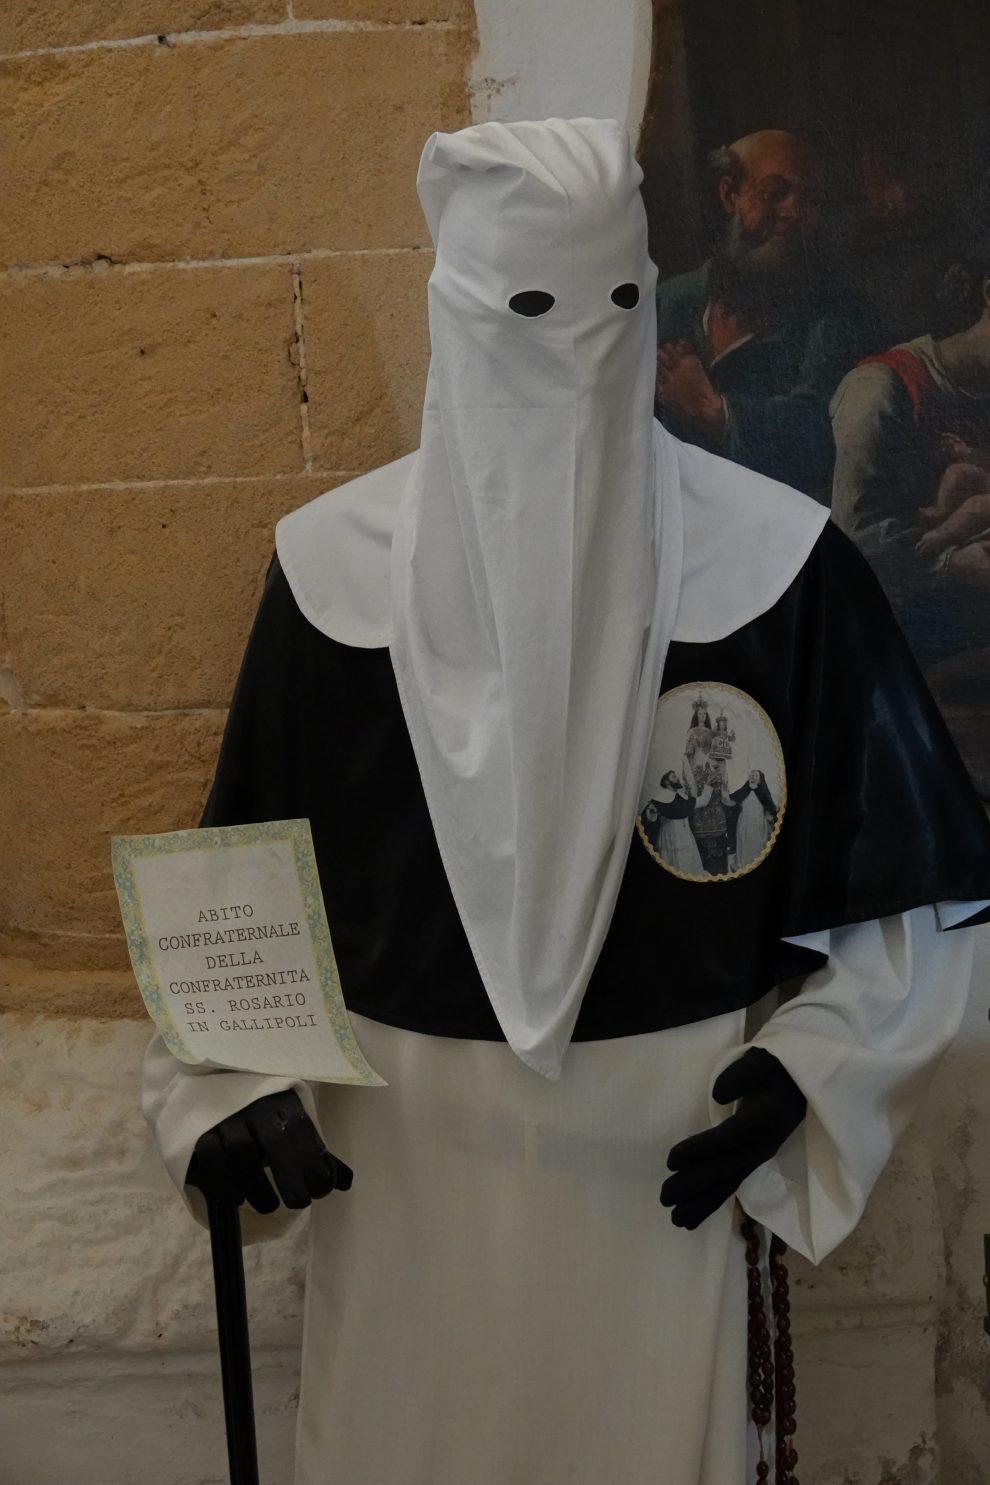 Il costume tradizionale di una confraternita.